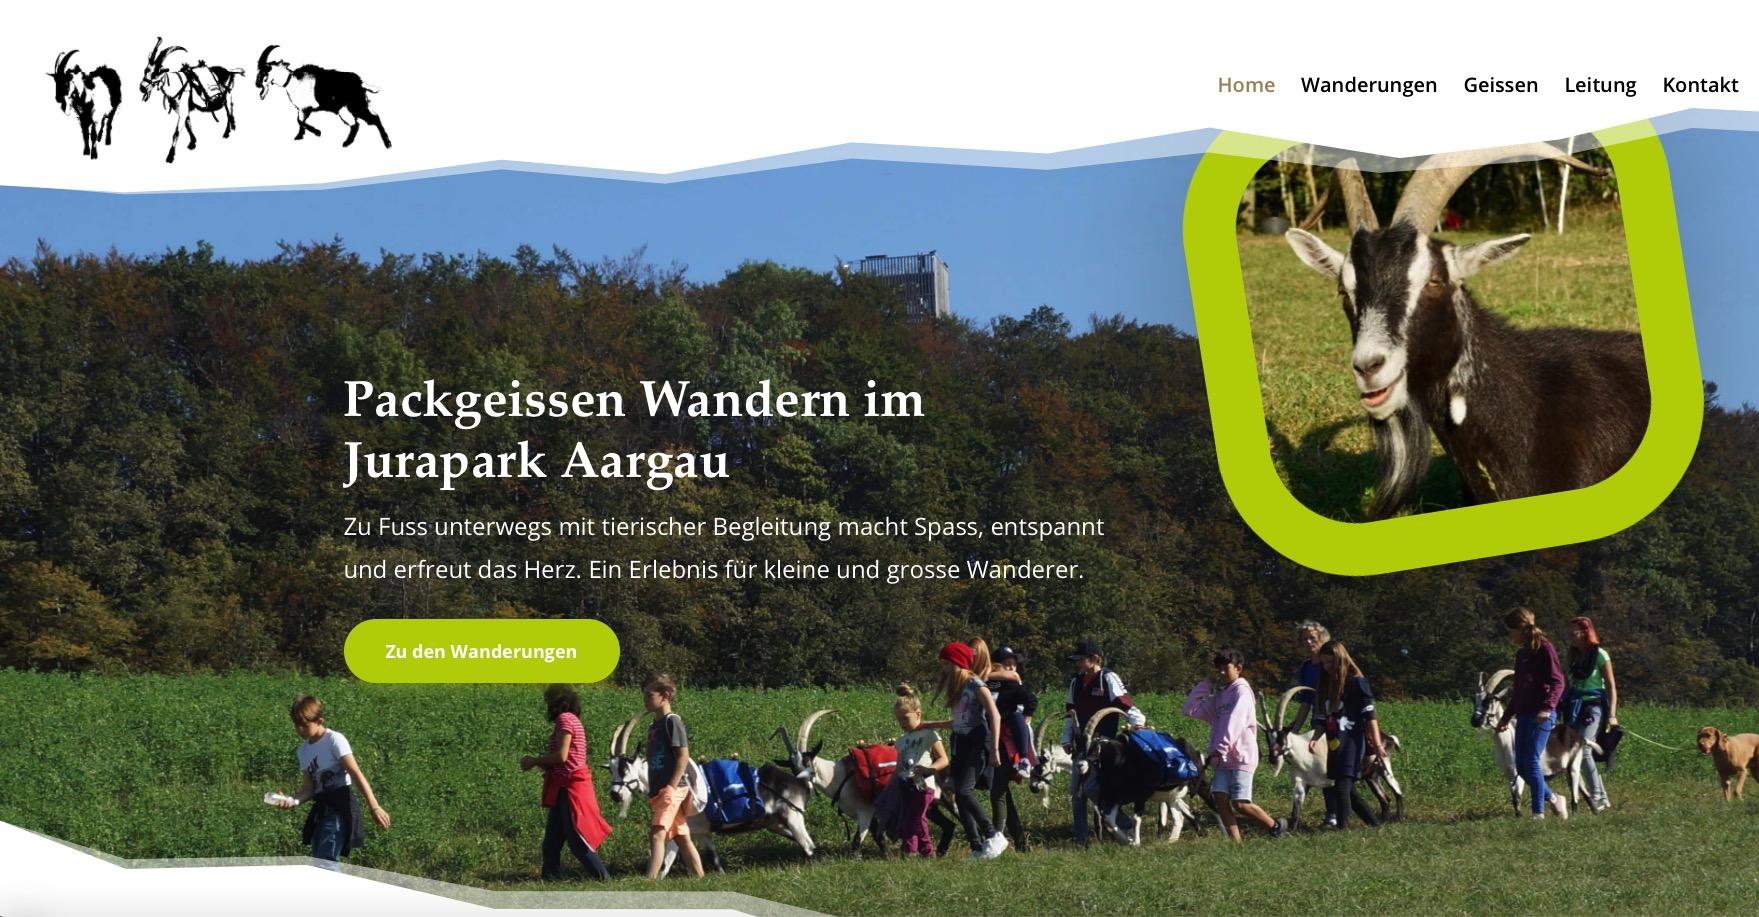 Packgeissen Wanderung Homepage von Beck Marketing